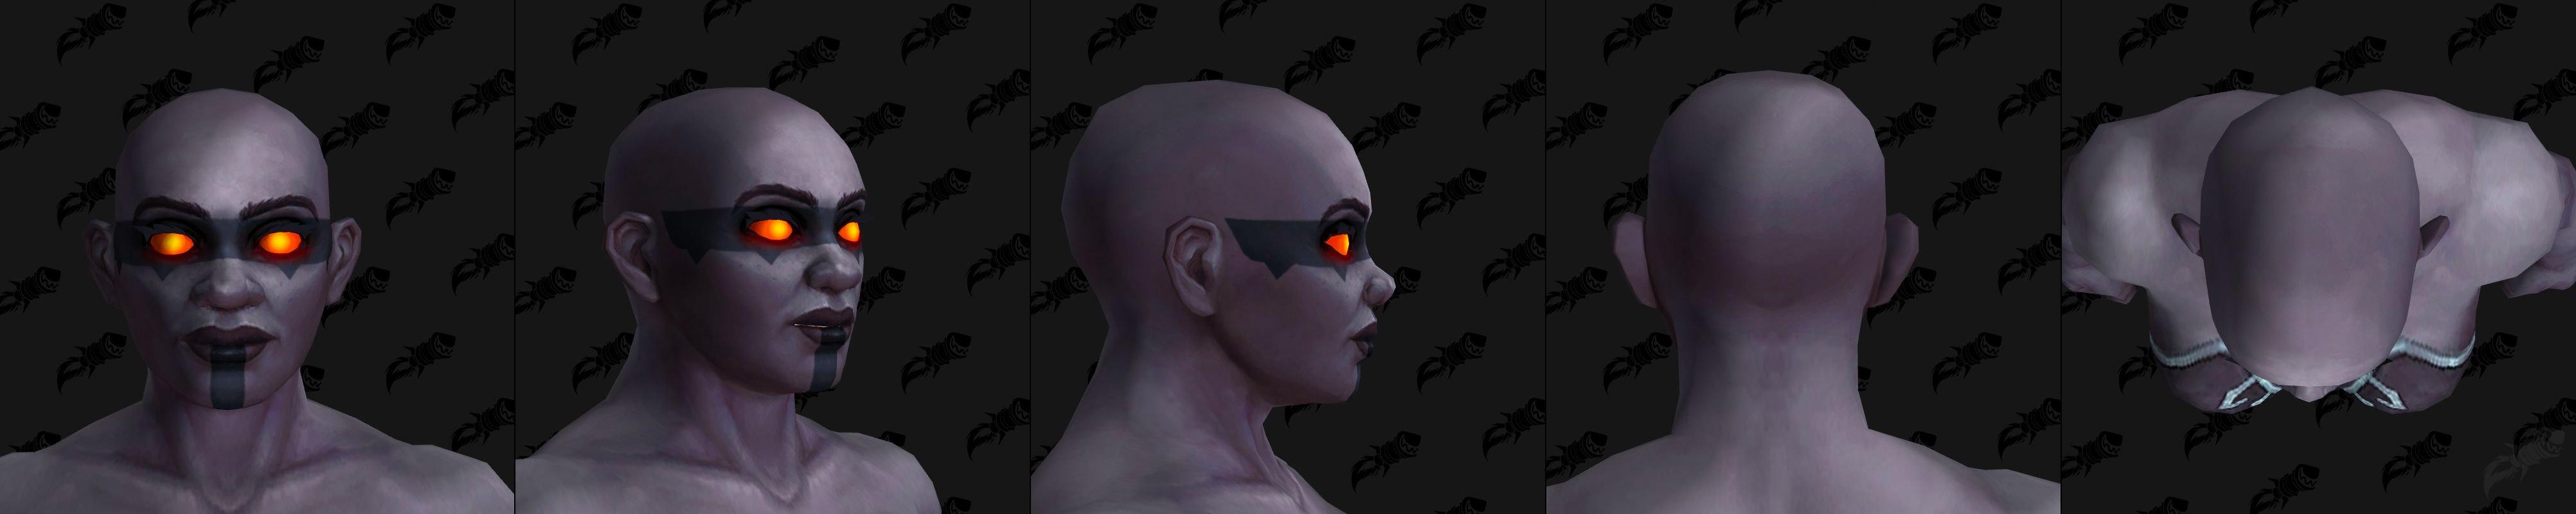 Nain Sombrefer (Femme) et options de tatouage de tête